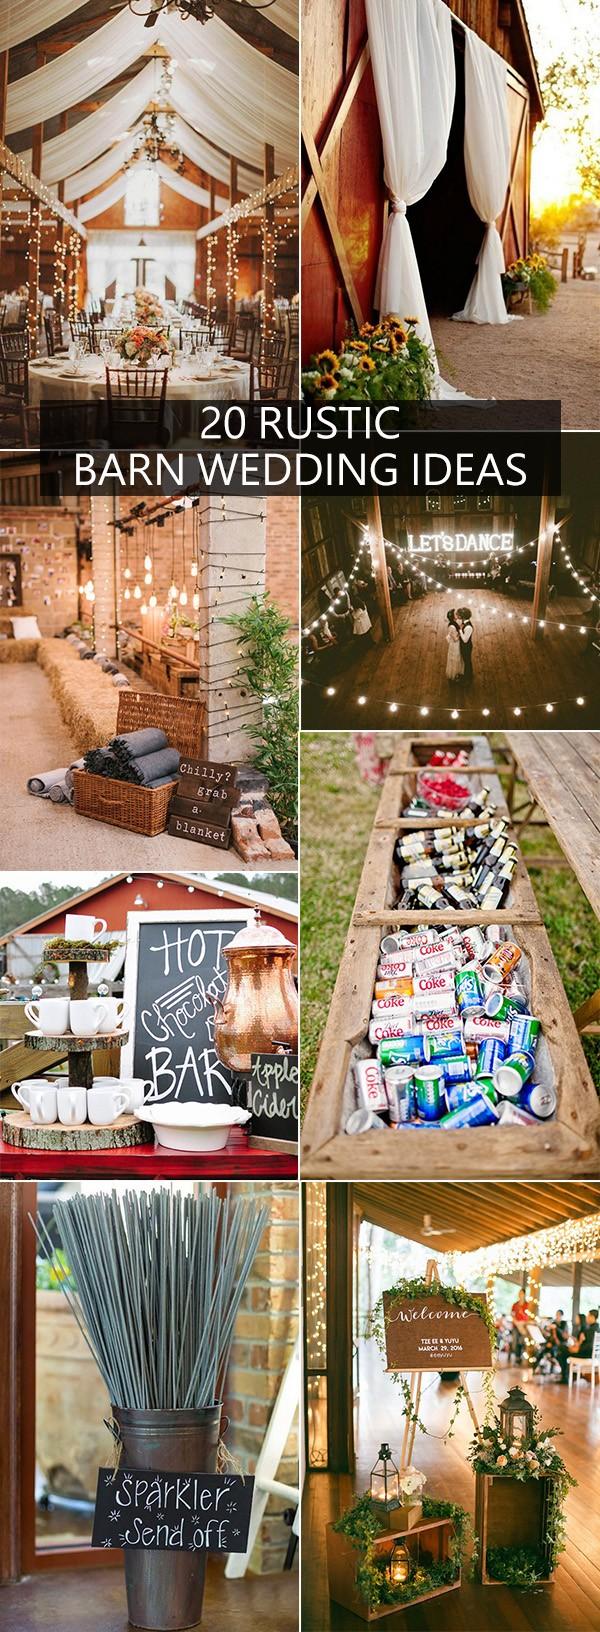 20 rustic barn wedding ideas for 2018